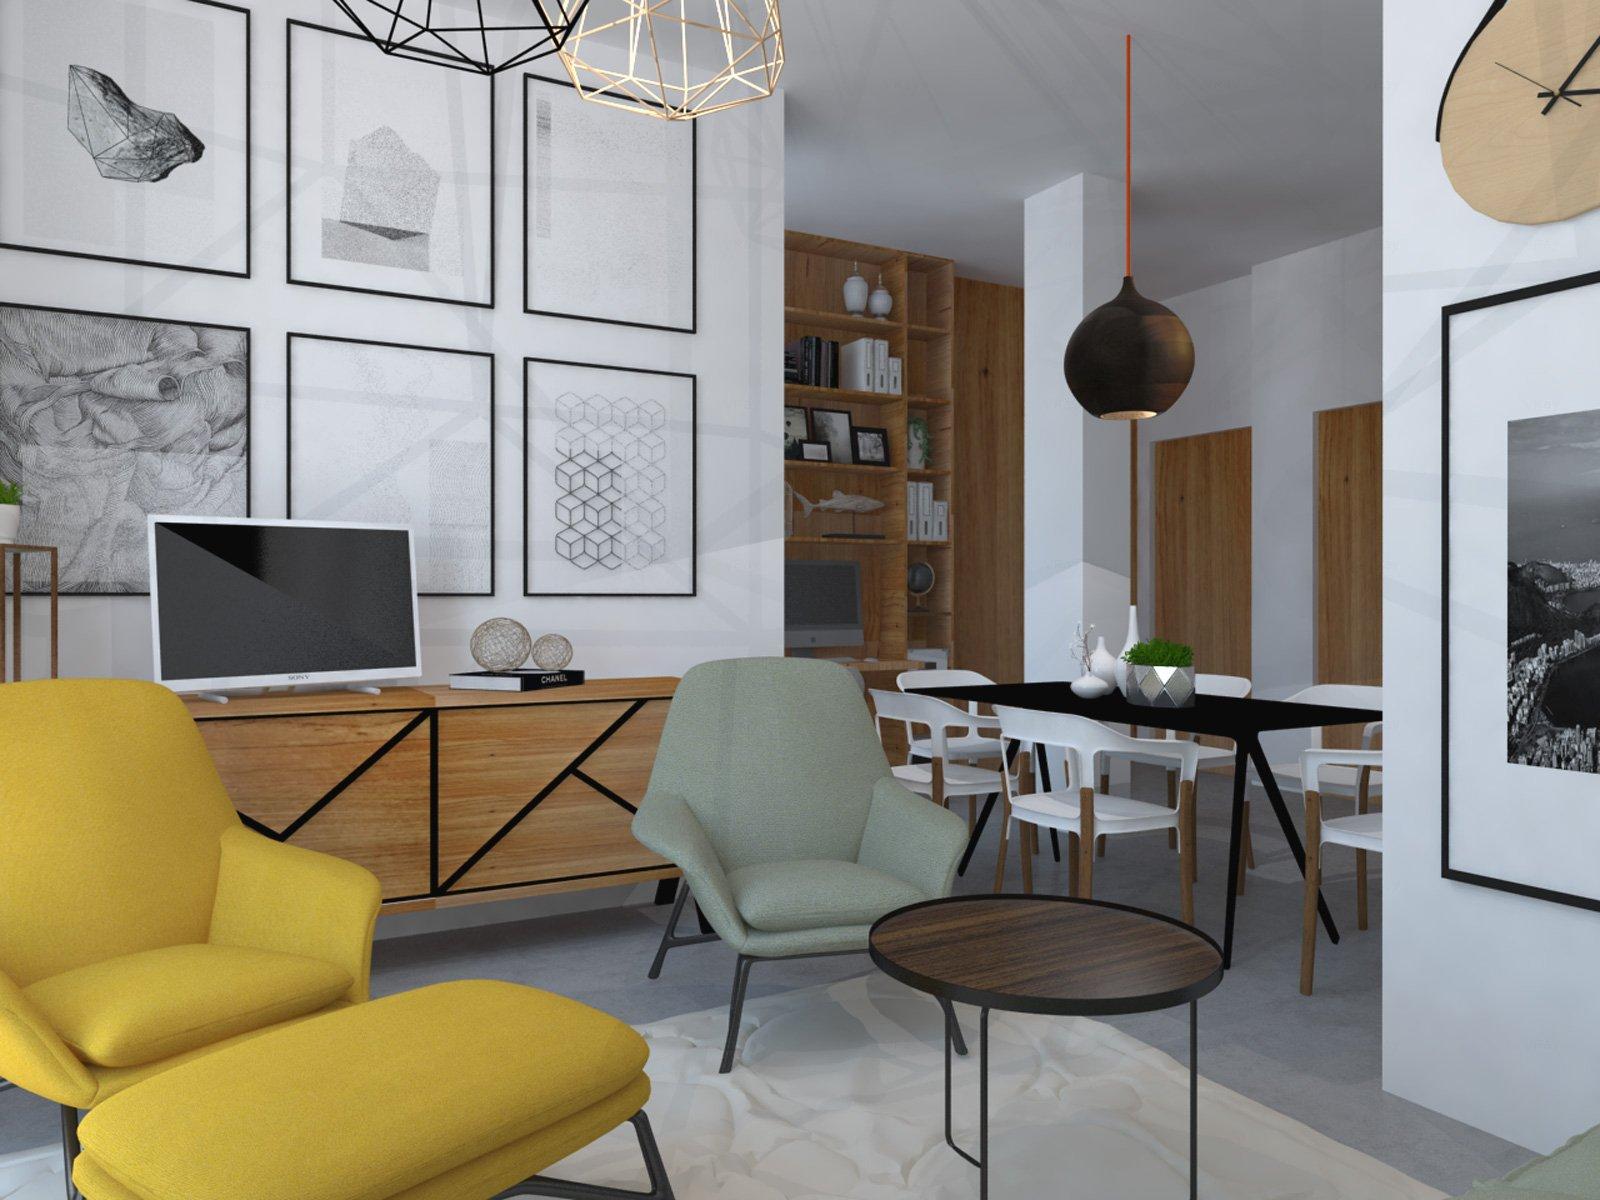 awesome soggiorno living con cucina contemporary - ideas & design ... - Soggiorno Living Con Cucina A Vista 2